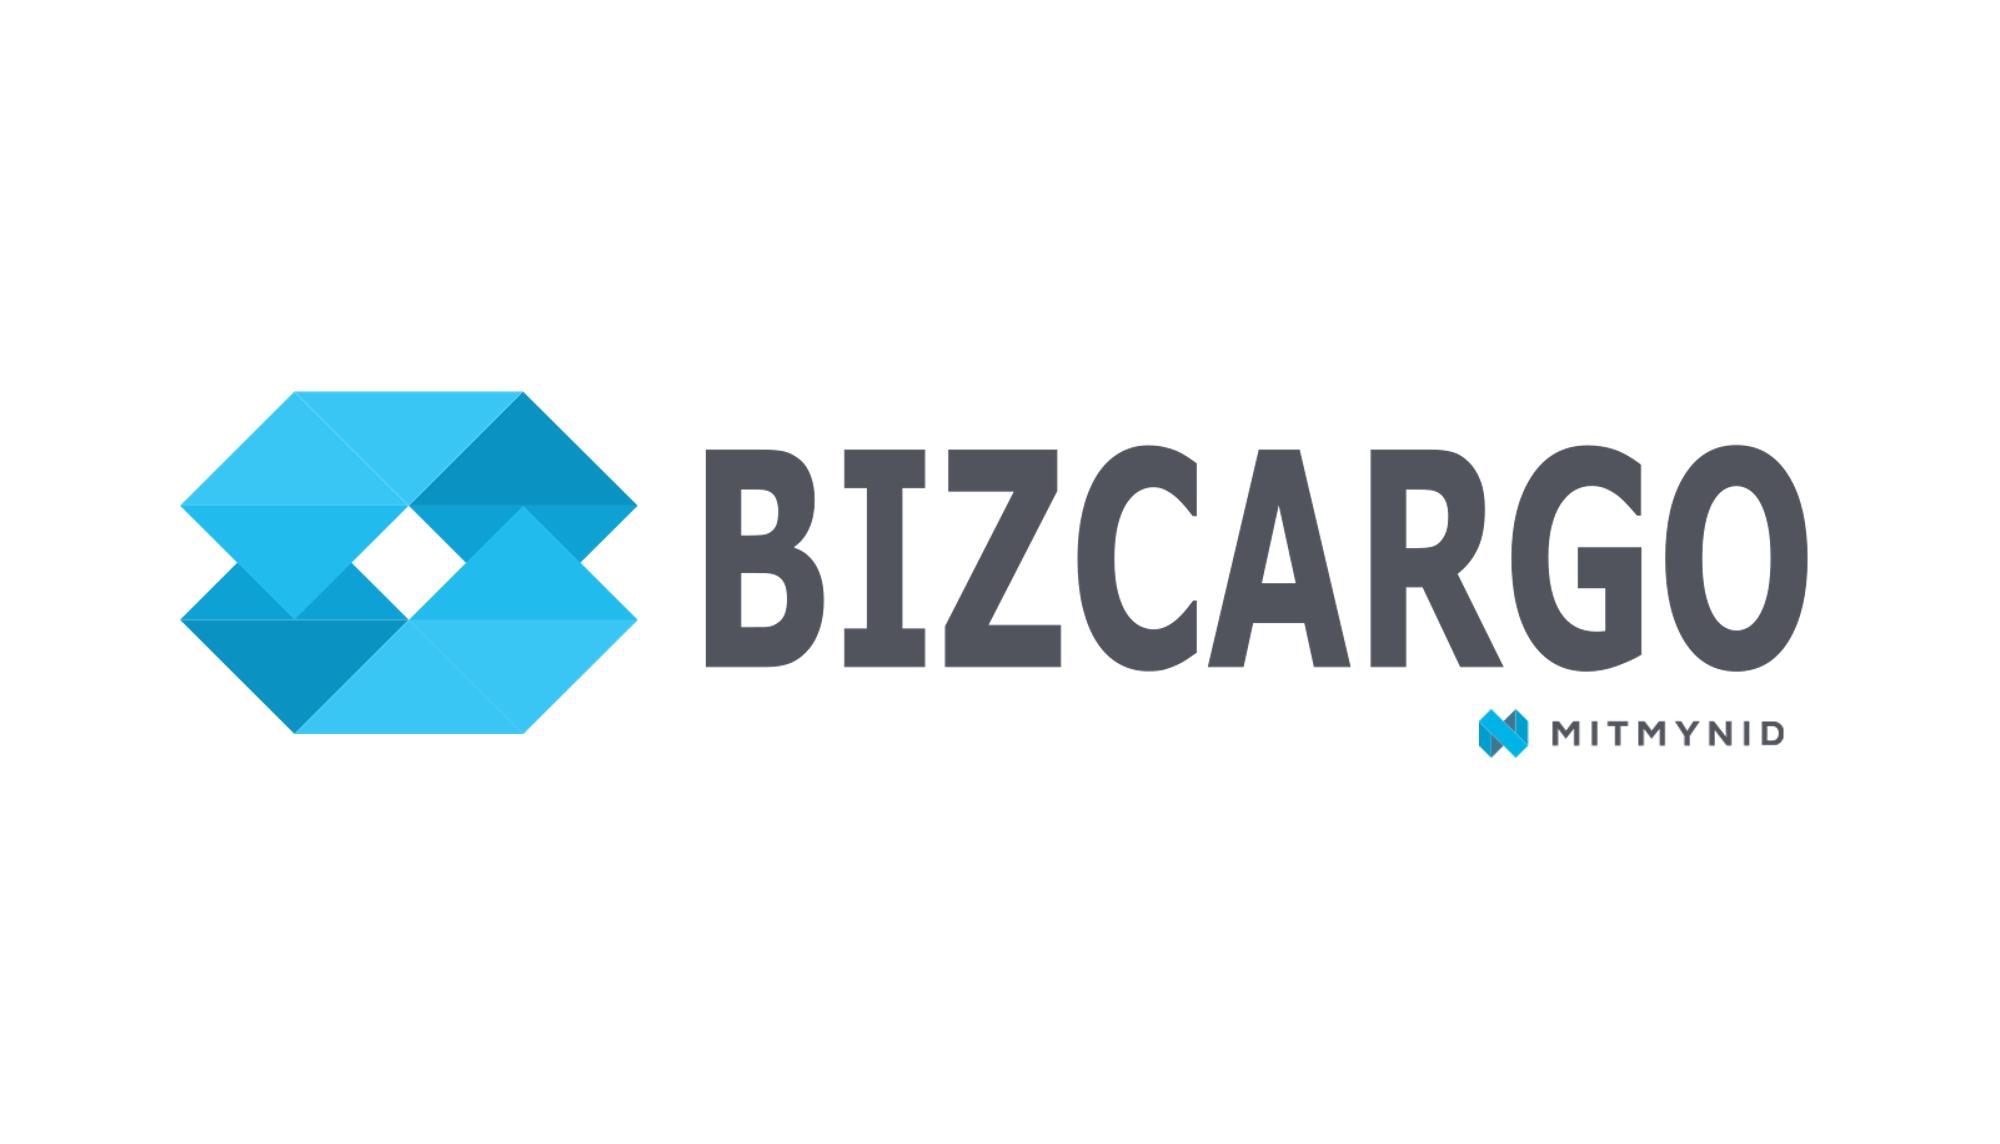 El Puerto de Algeciras colabora con la startup Bizcargo en el marco de su programa de innovación abierta